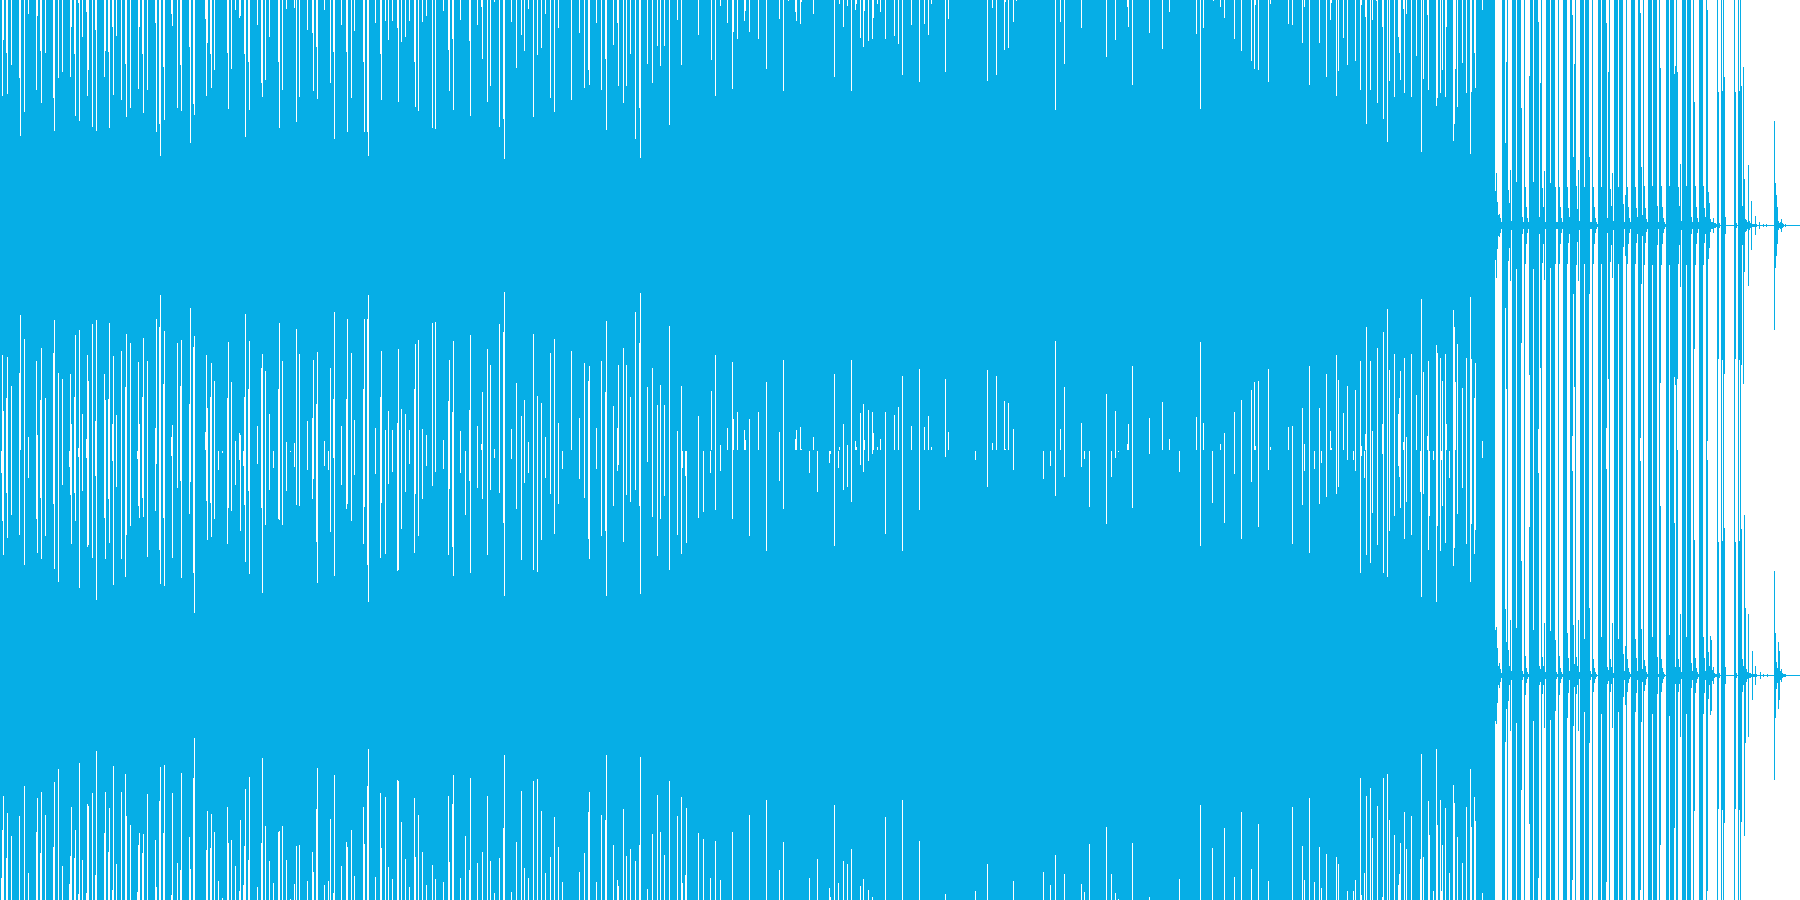 不思議な和風サウンドを西洋風ビートに乗せの再生済みの波形